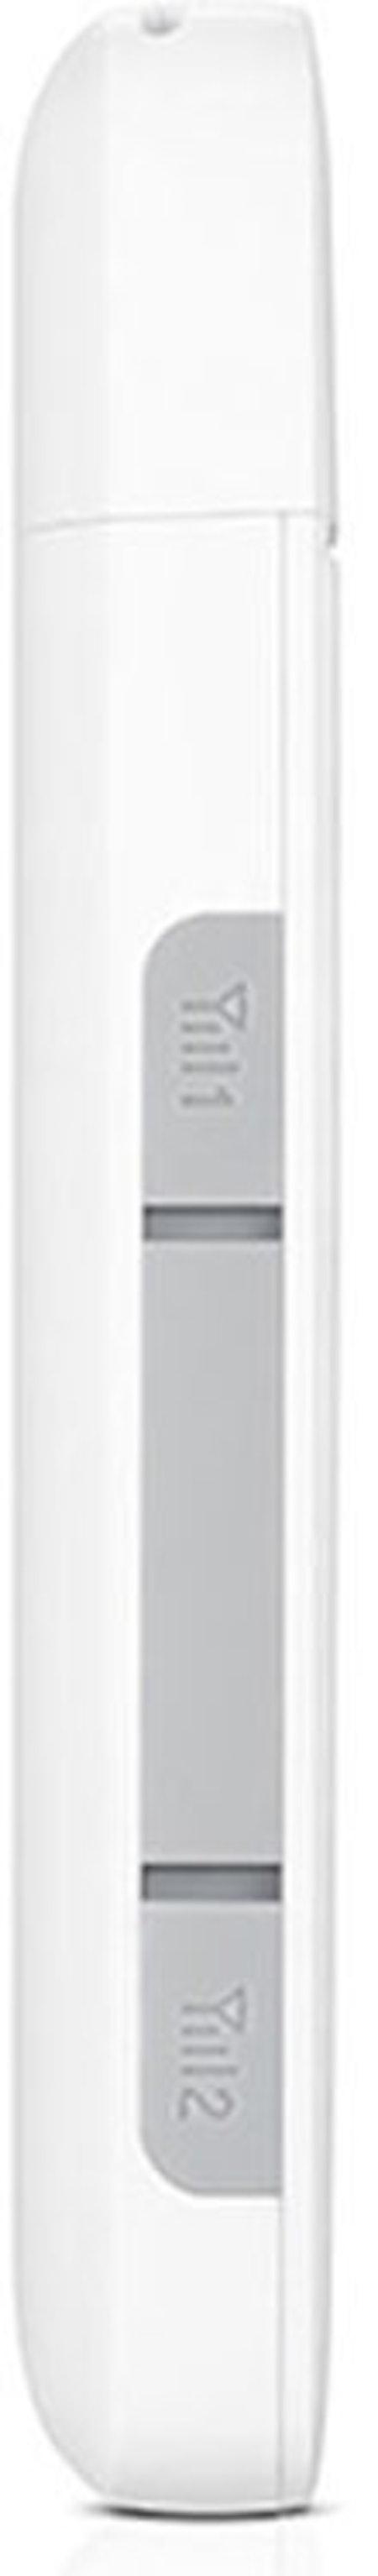 Huawei E3372H-320